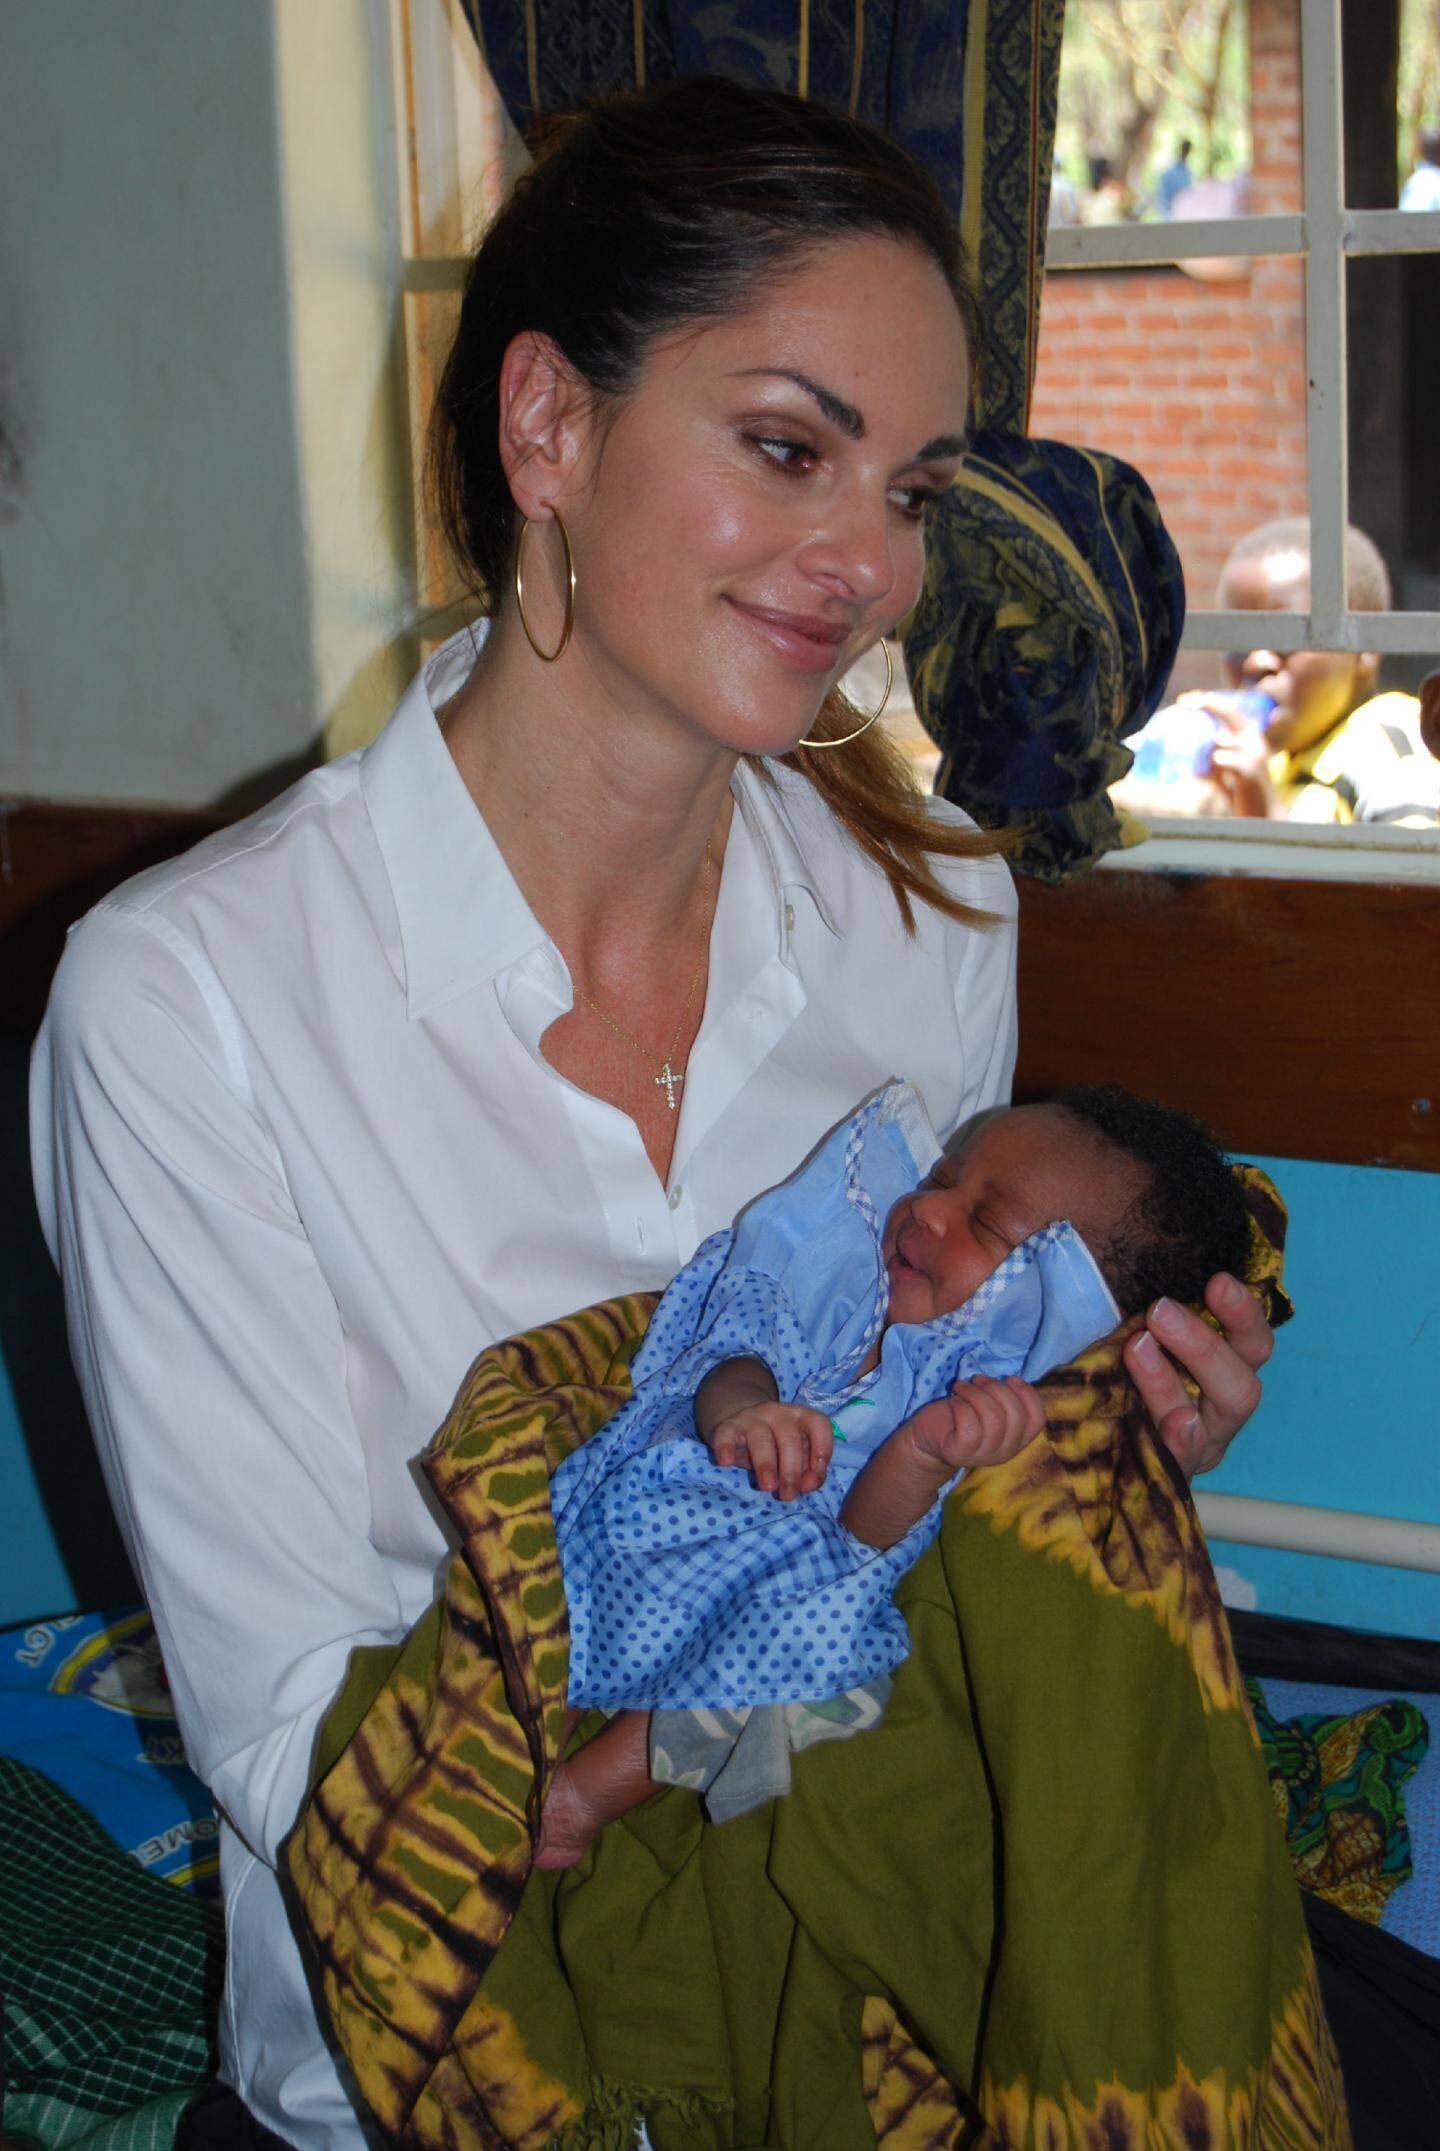 Tasha de Vasconcelos portant dans les bras un enfant né dans des conditions saines, dans un hôpital construit sous l'impulsion de sa fondation, AMOR, au Malawi.(DR)